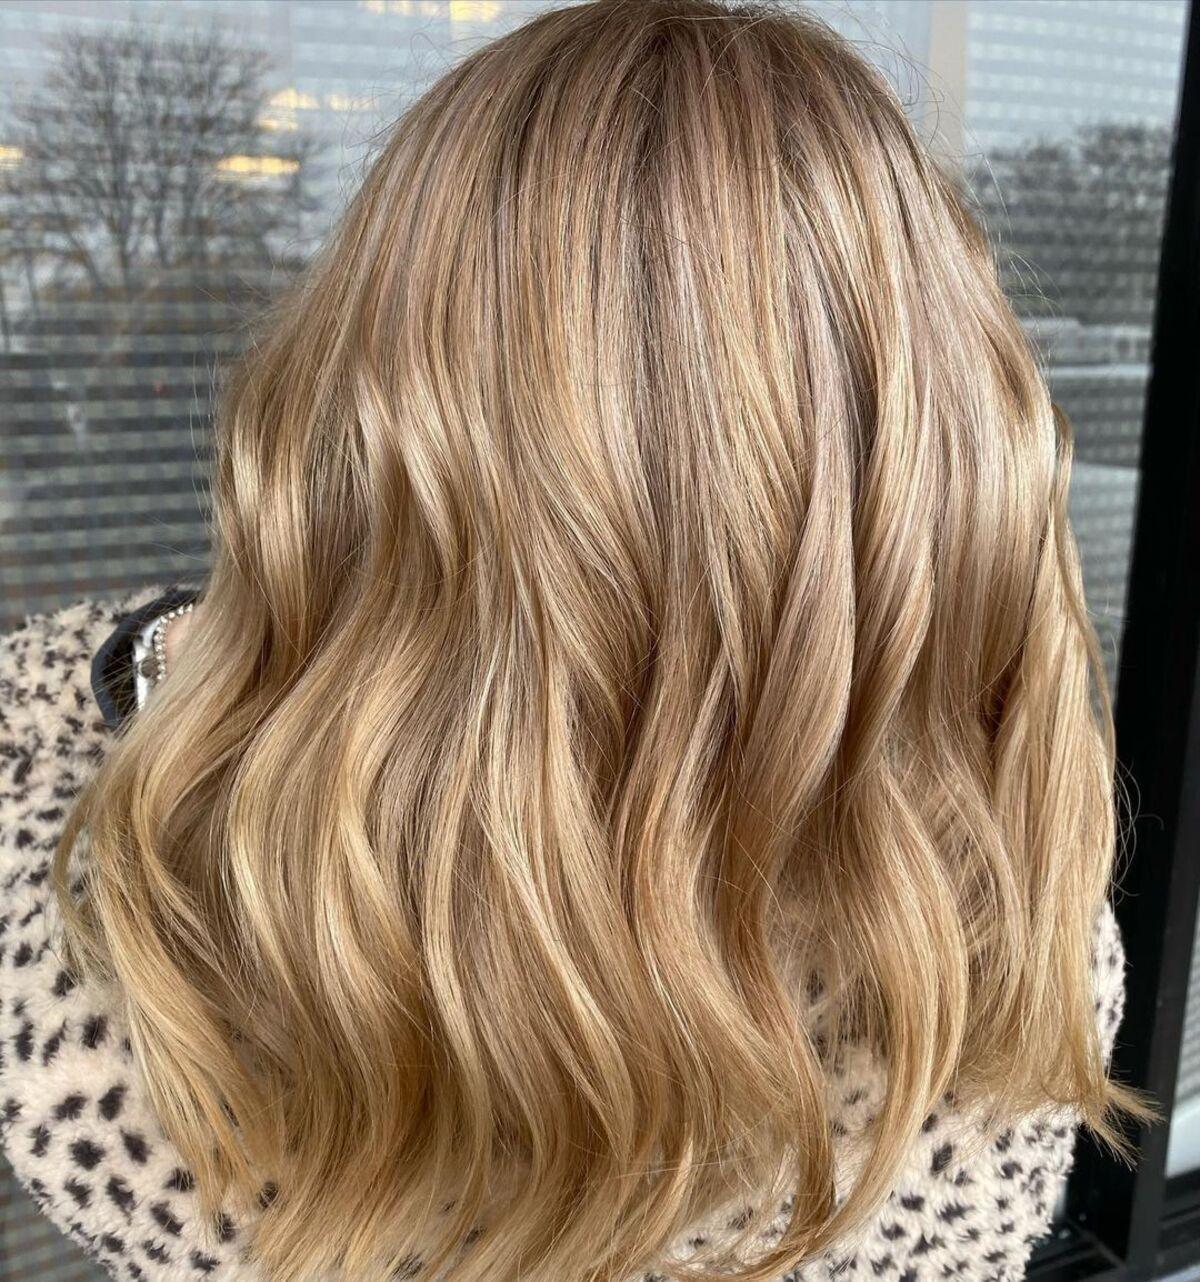 Blonde champagne sur cheveux bruns